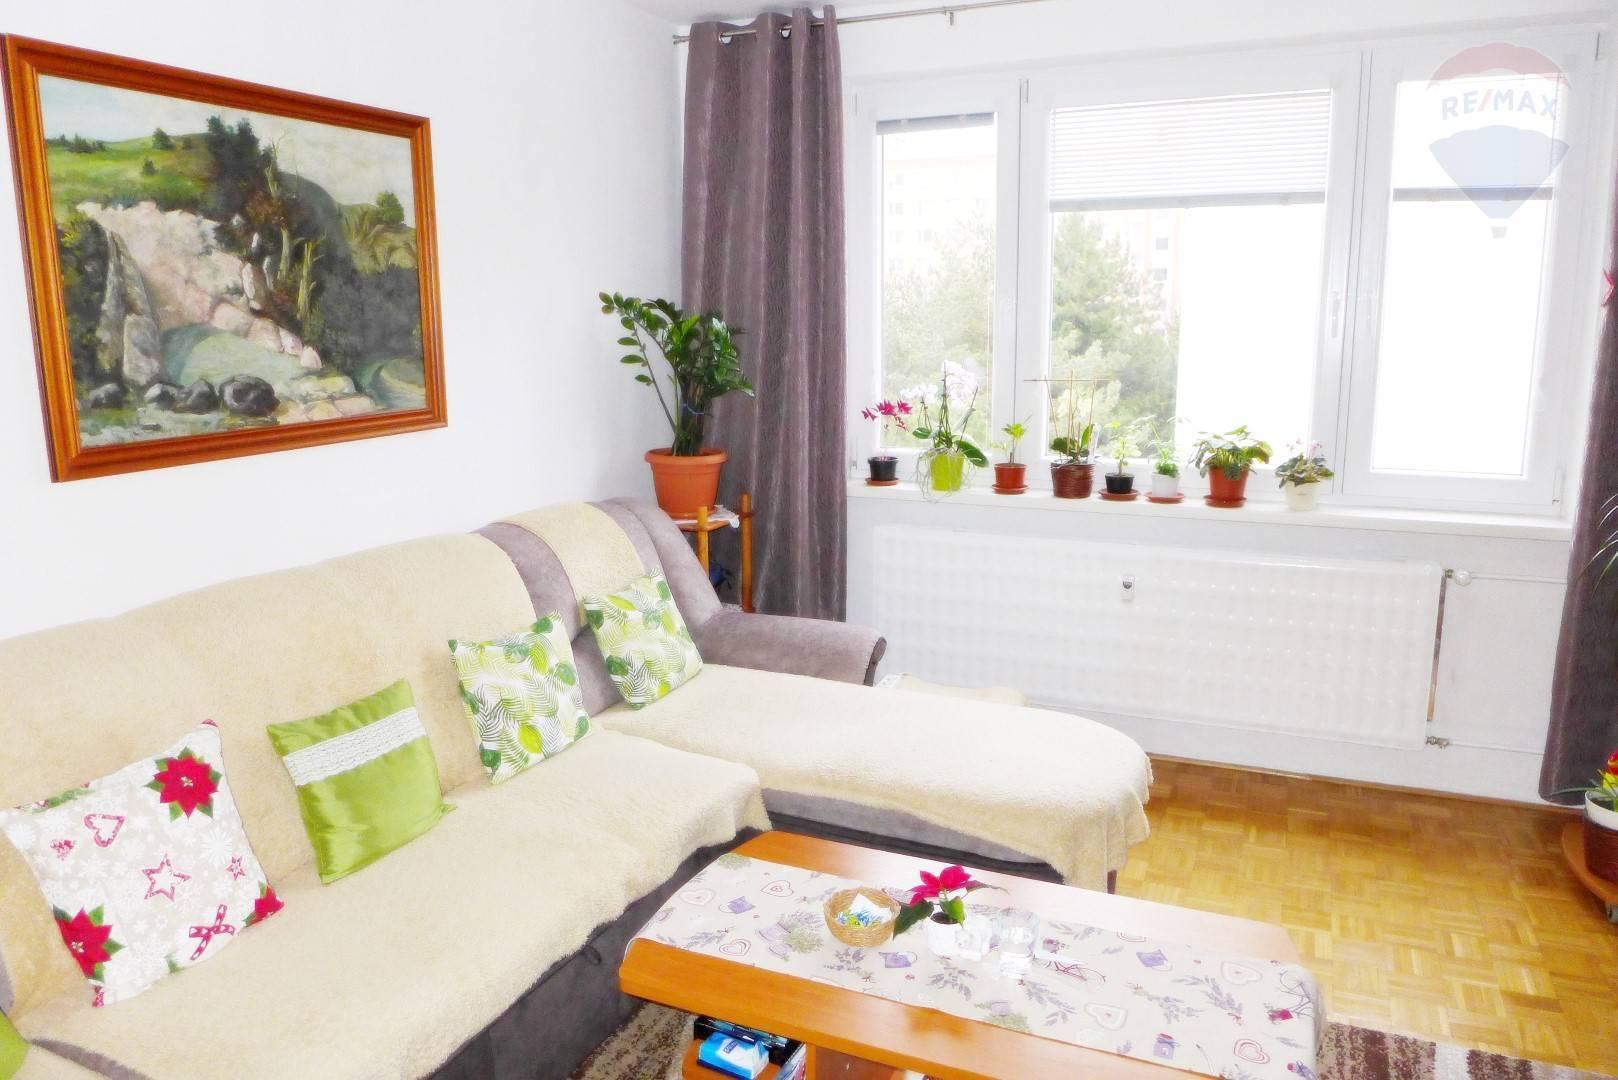 REZERVOVANÉ 2 izbový byt 50 m2 ul. Veľkonecpalská s lógiou, okrajová časť sídl. Necpaly - PRIEVIDZA